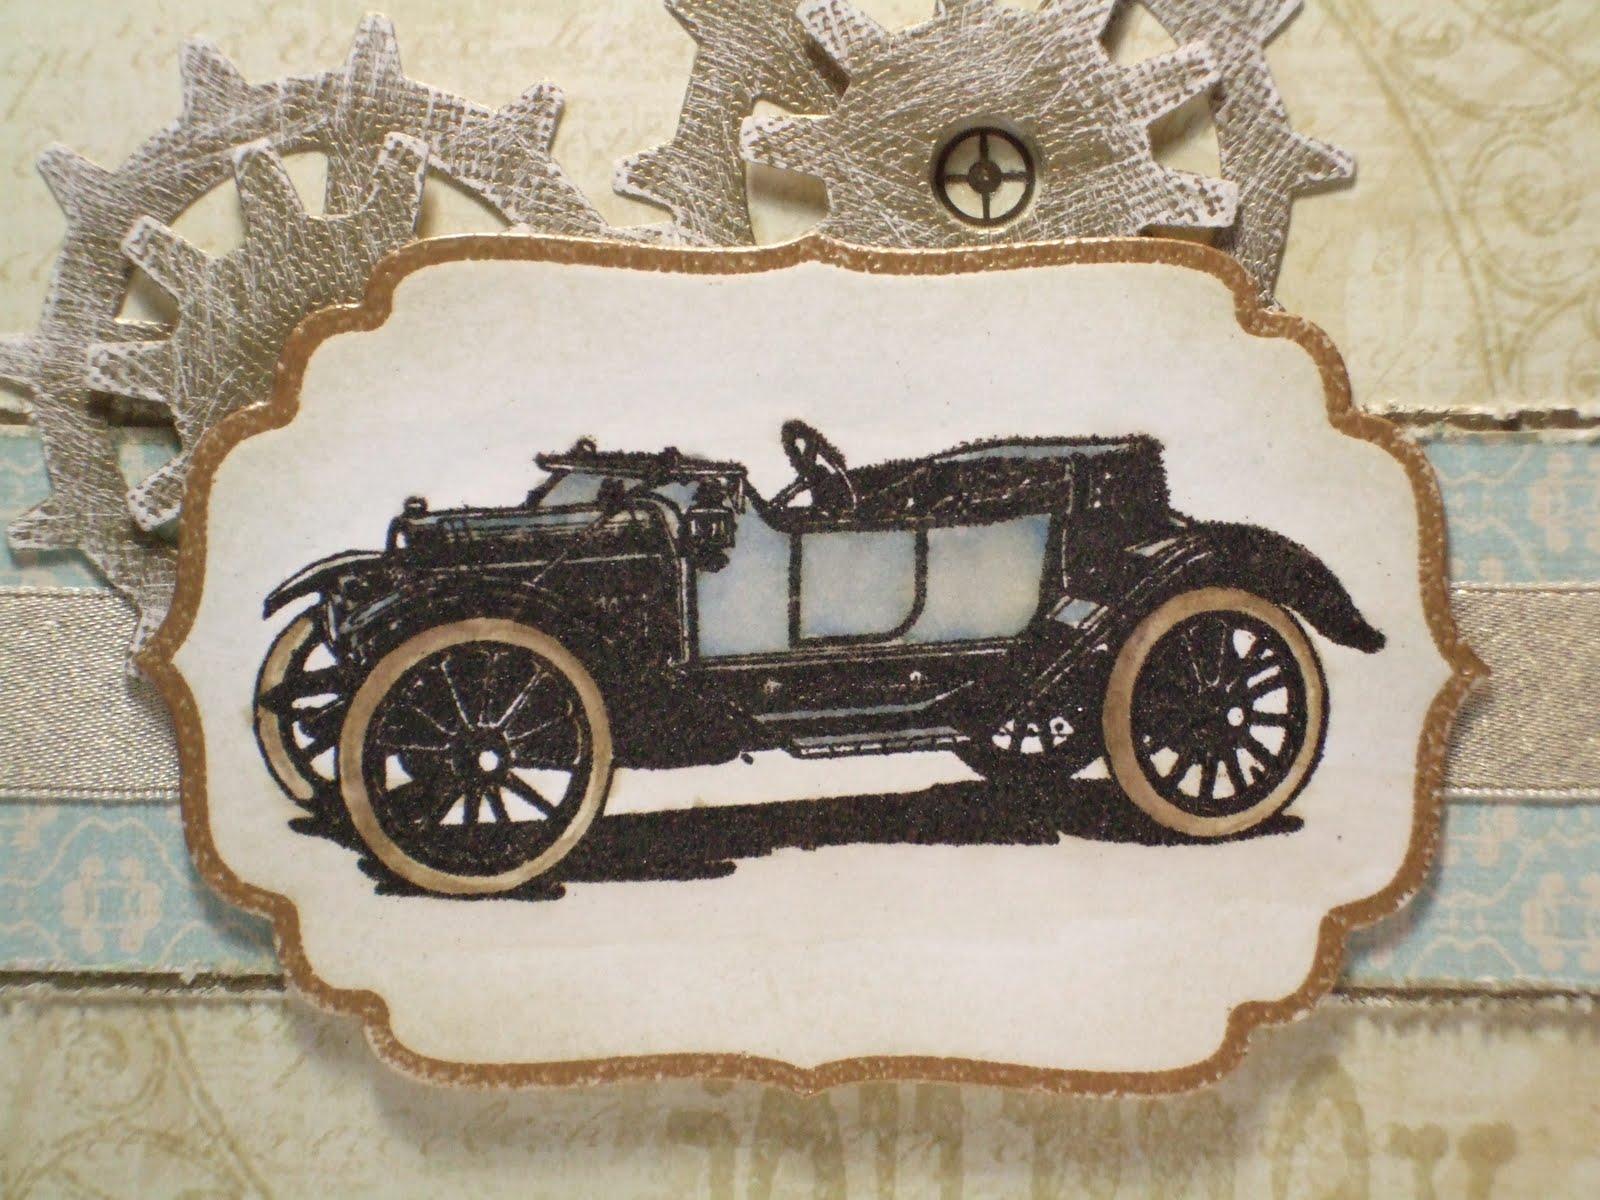 ANTIQUE CAR TOOLS « Antique Auto Club